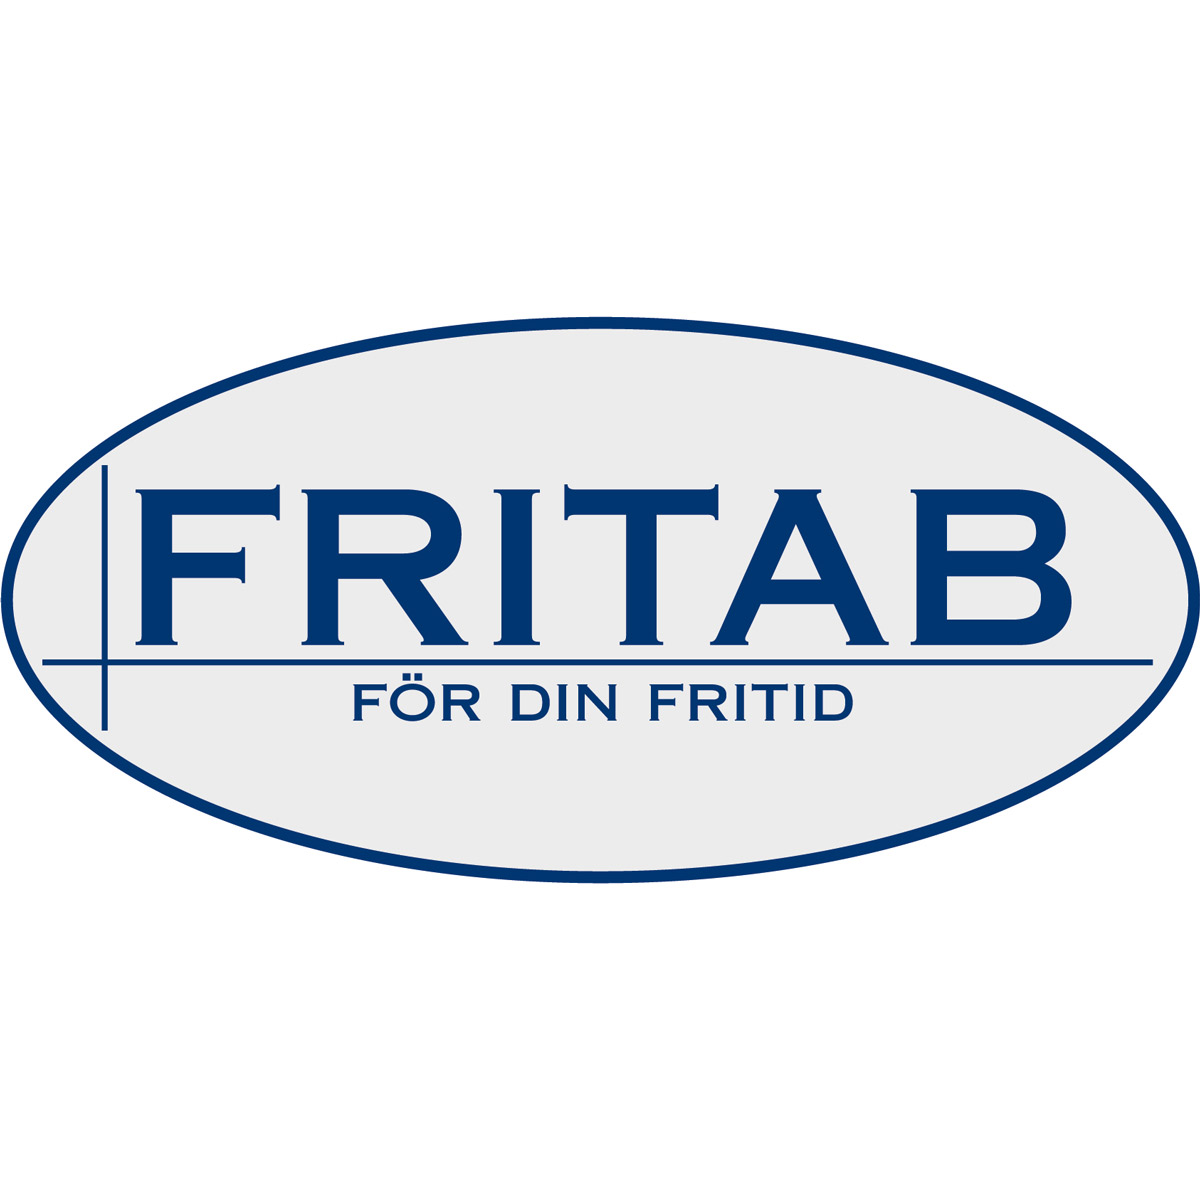 Fritab-ny-logo